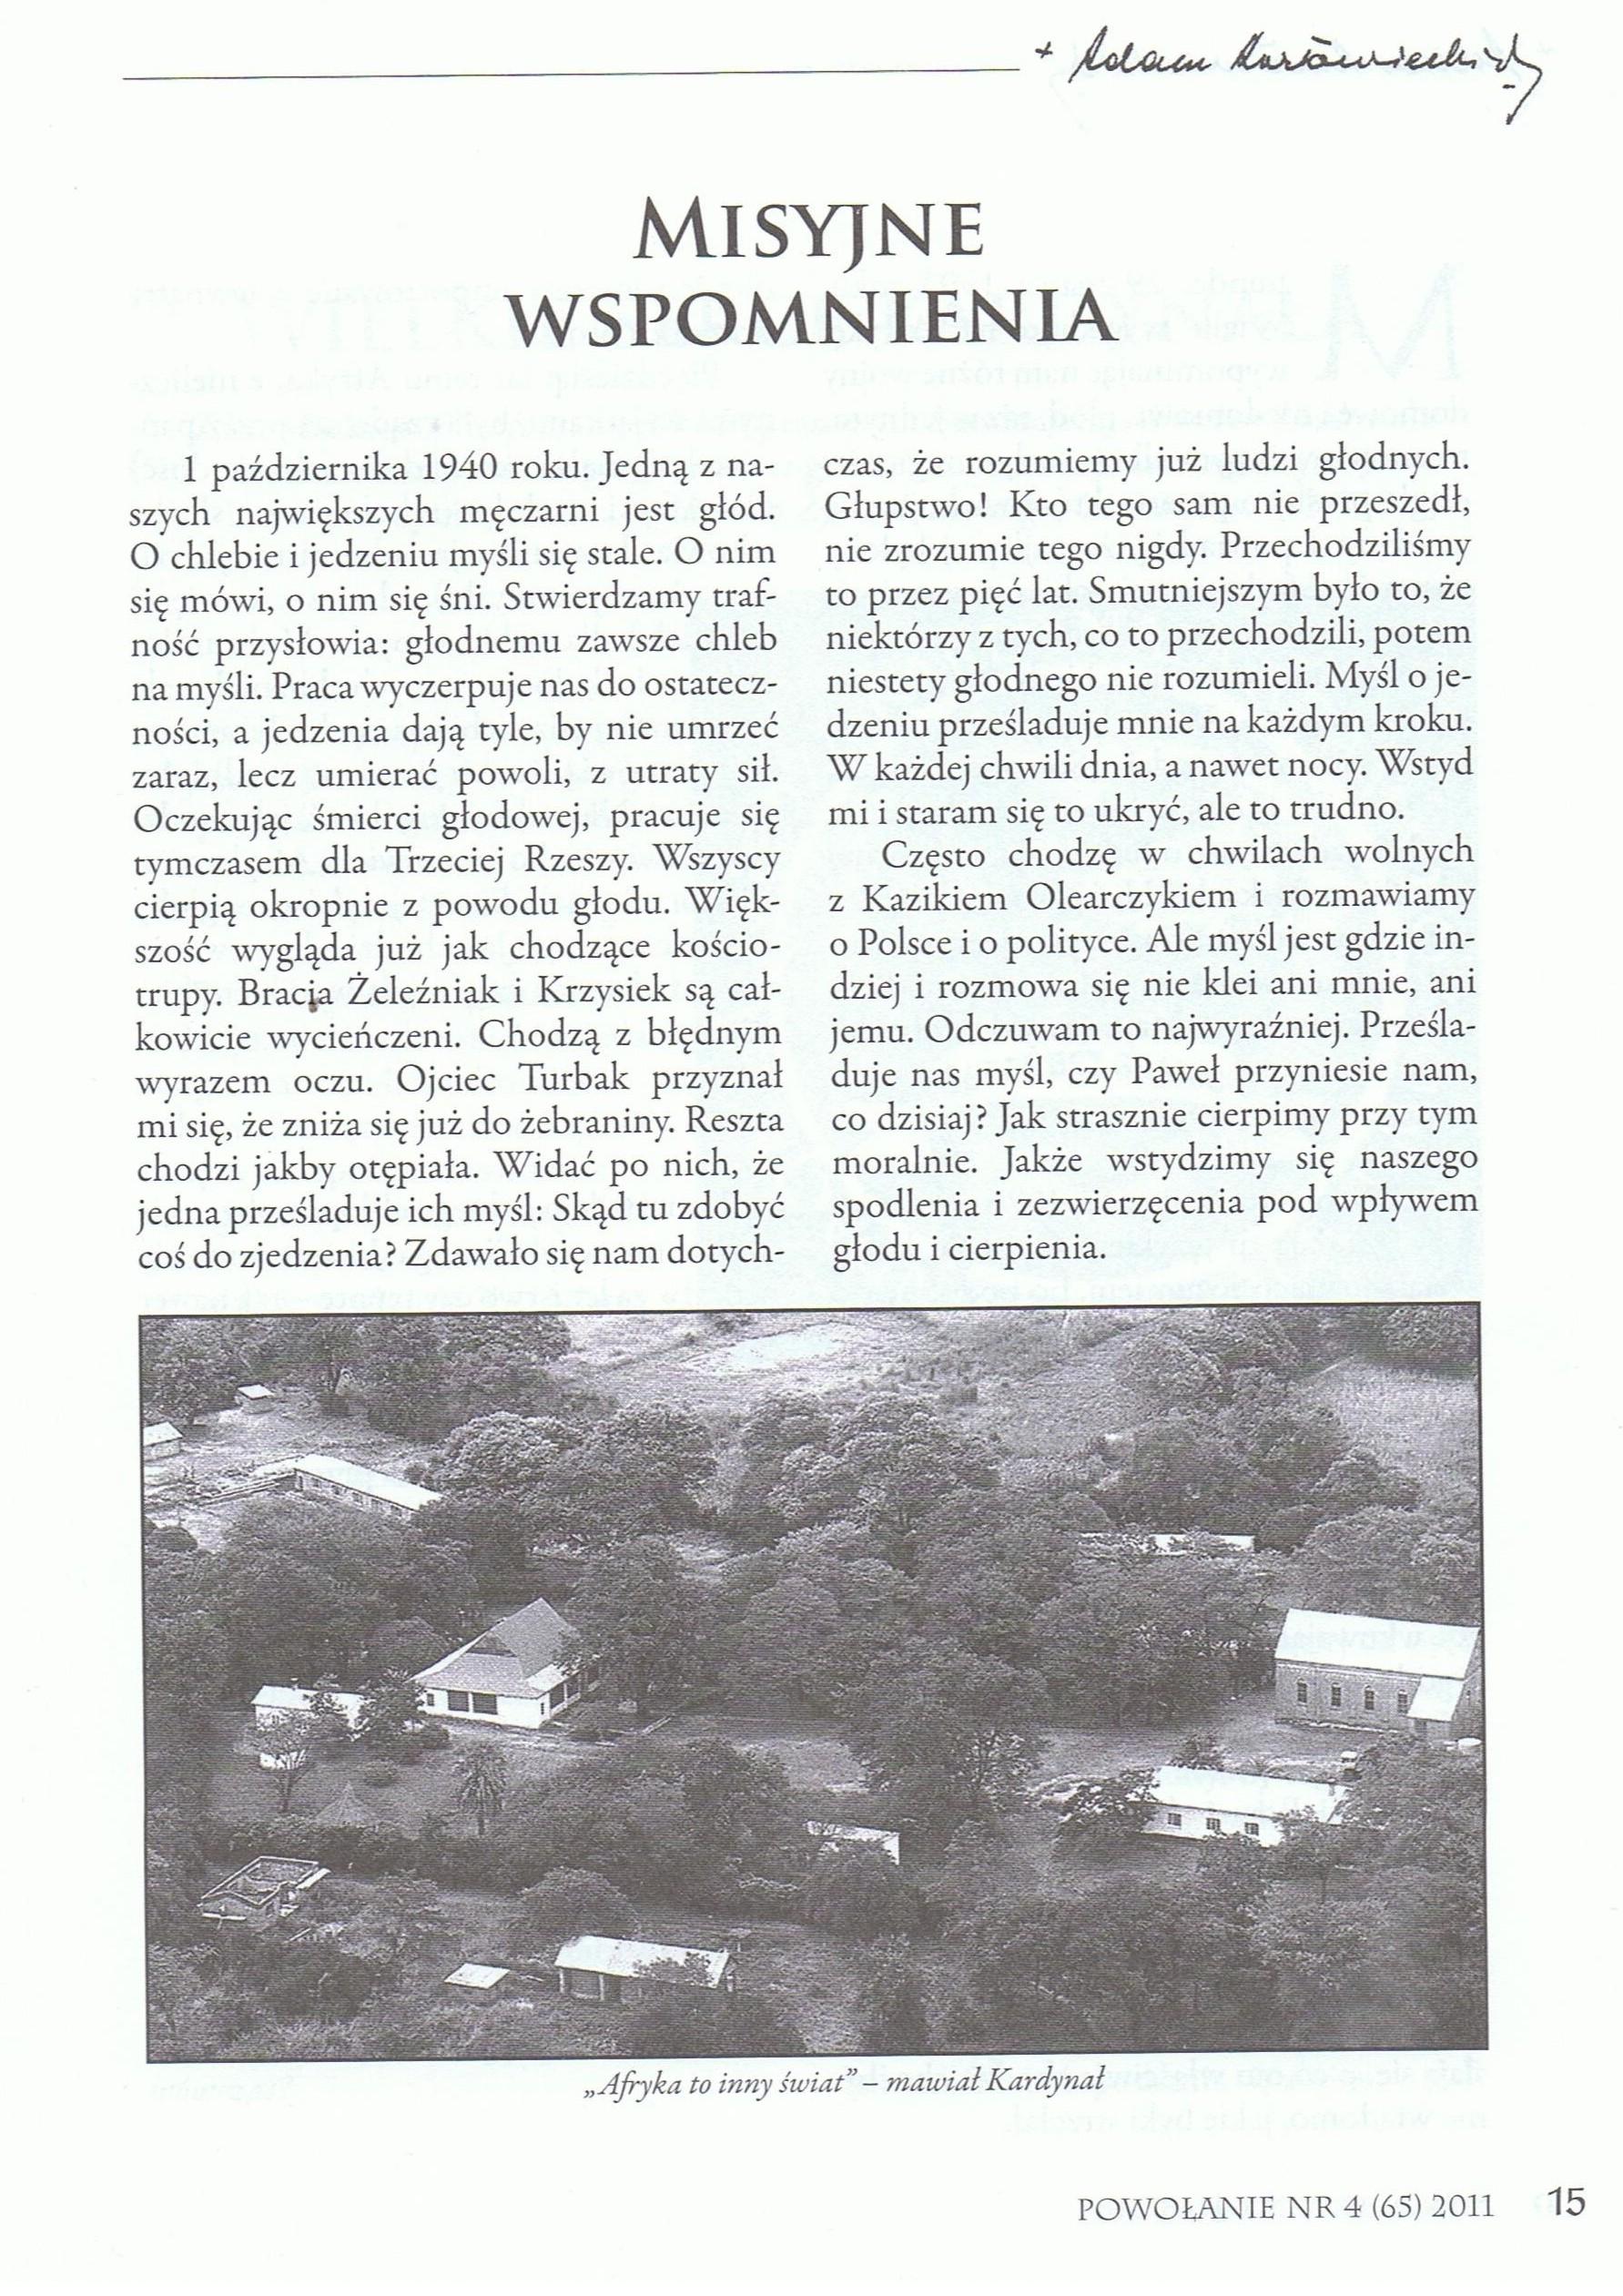 Powołanie, str. 19